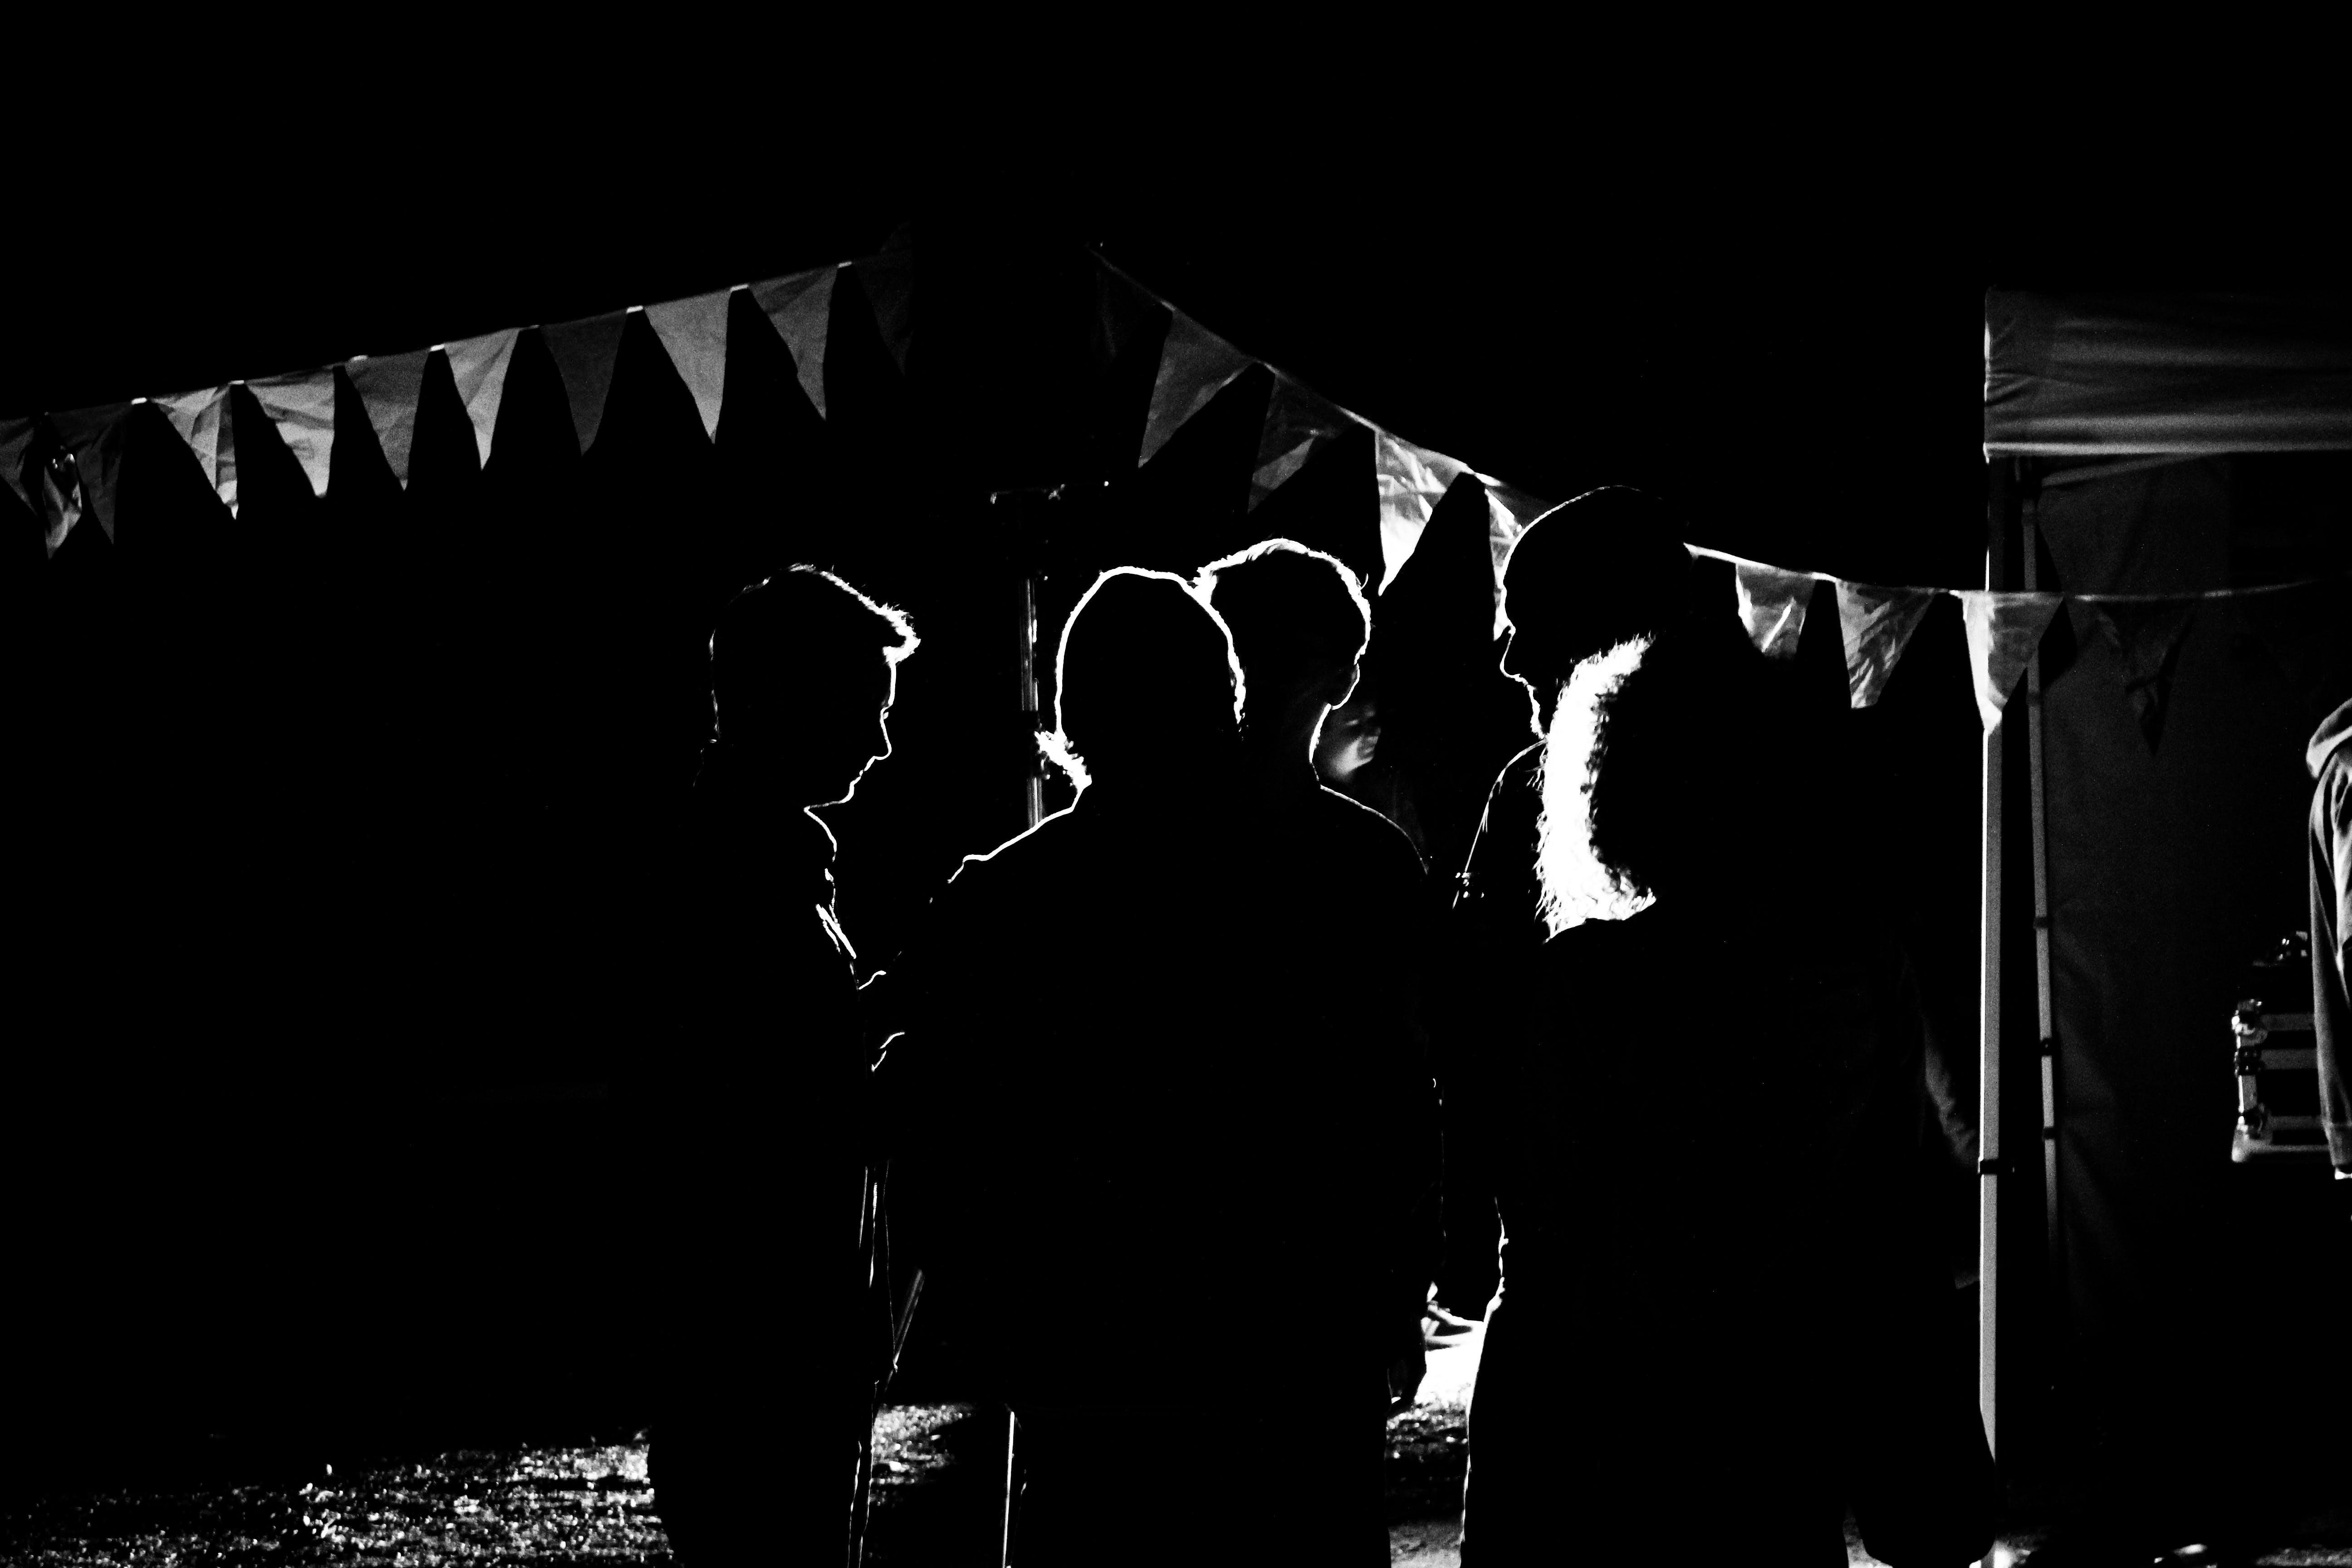 justifyyourlove, 가벼운, 그룹이 함께, 밤 시간의 무료 스톡 사진